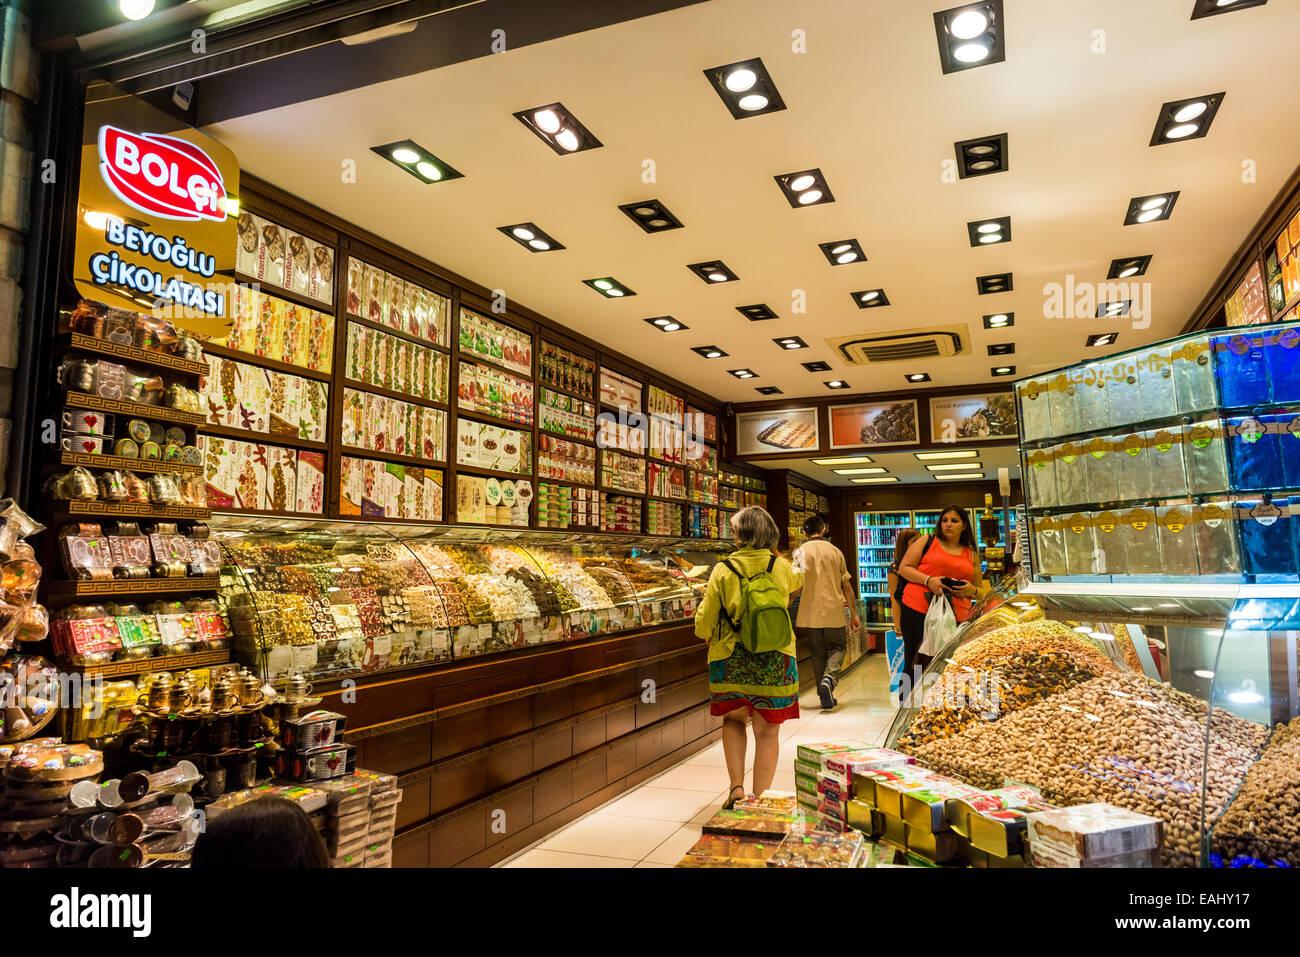 Ein wenig spät in die Nacht einkaufen bei einer Turkish Delight-Shop am 28. Juli 2014 in Istanbul, Türkei. Stockbild